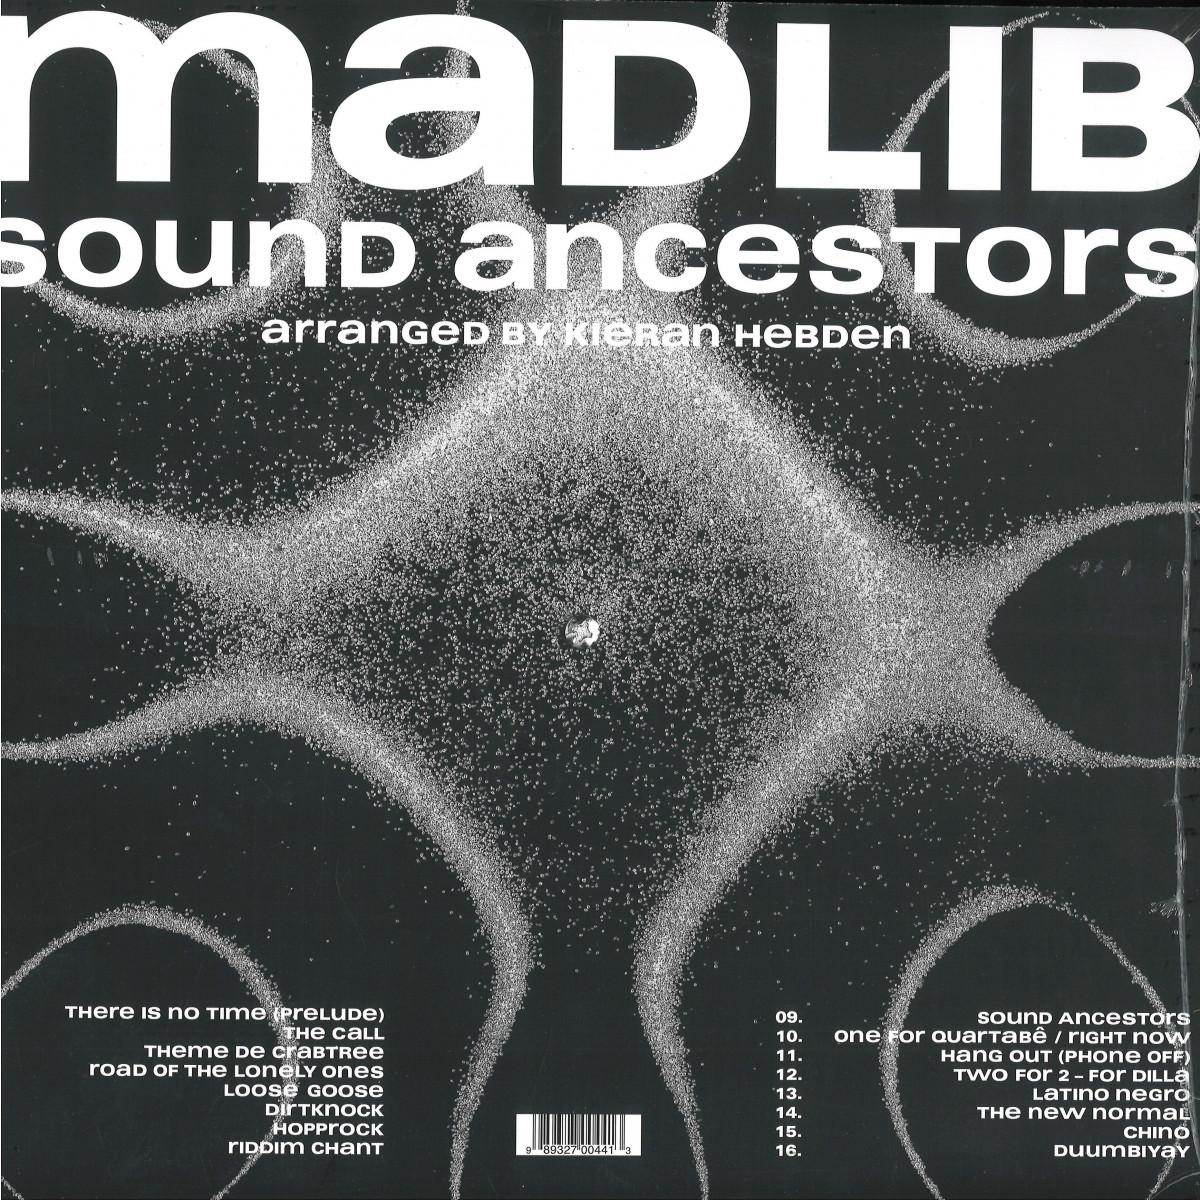 Madlib - Sound Ancestors (Arranged By Kieran Hebden) / Madlib Invasion MMS044LP - Vinyl